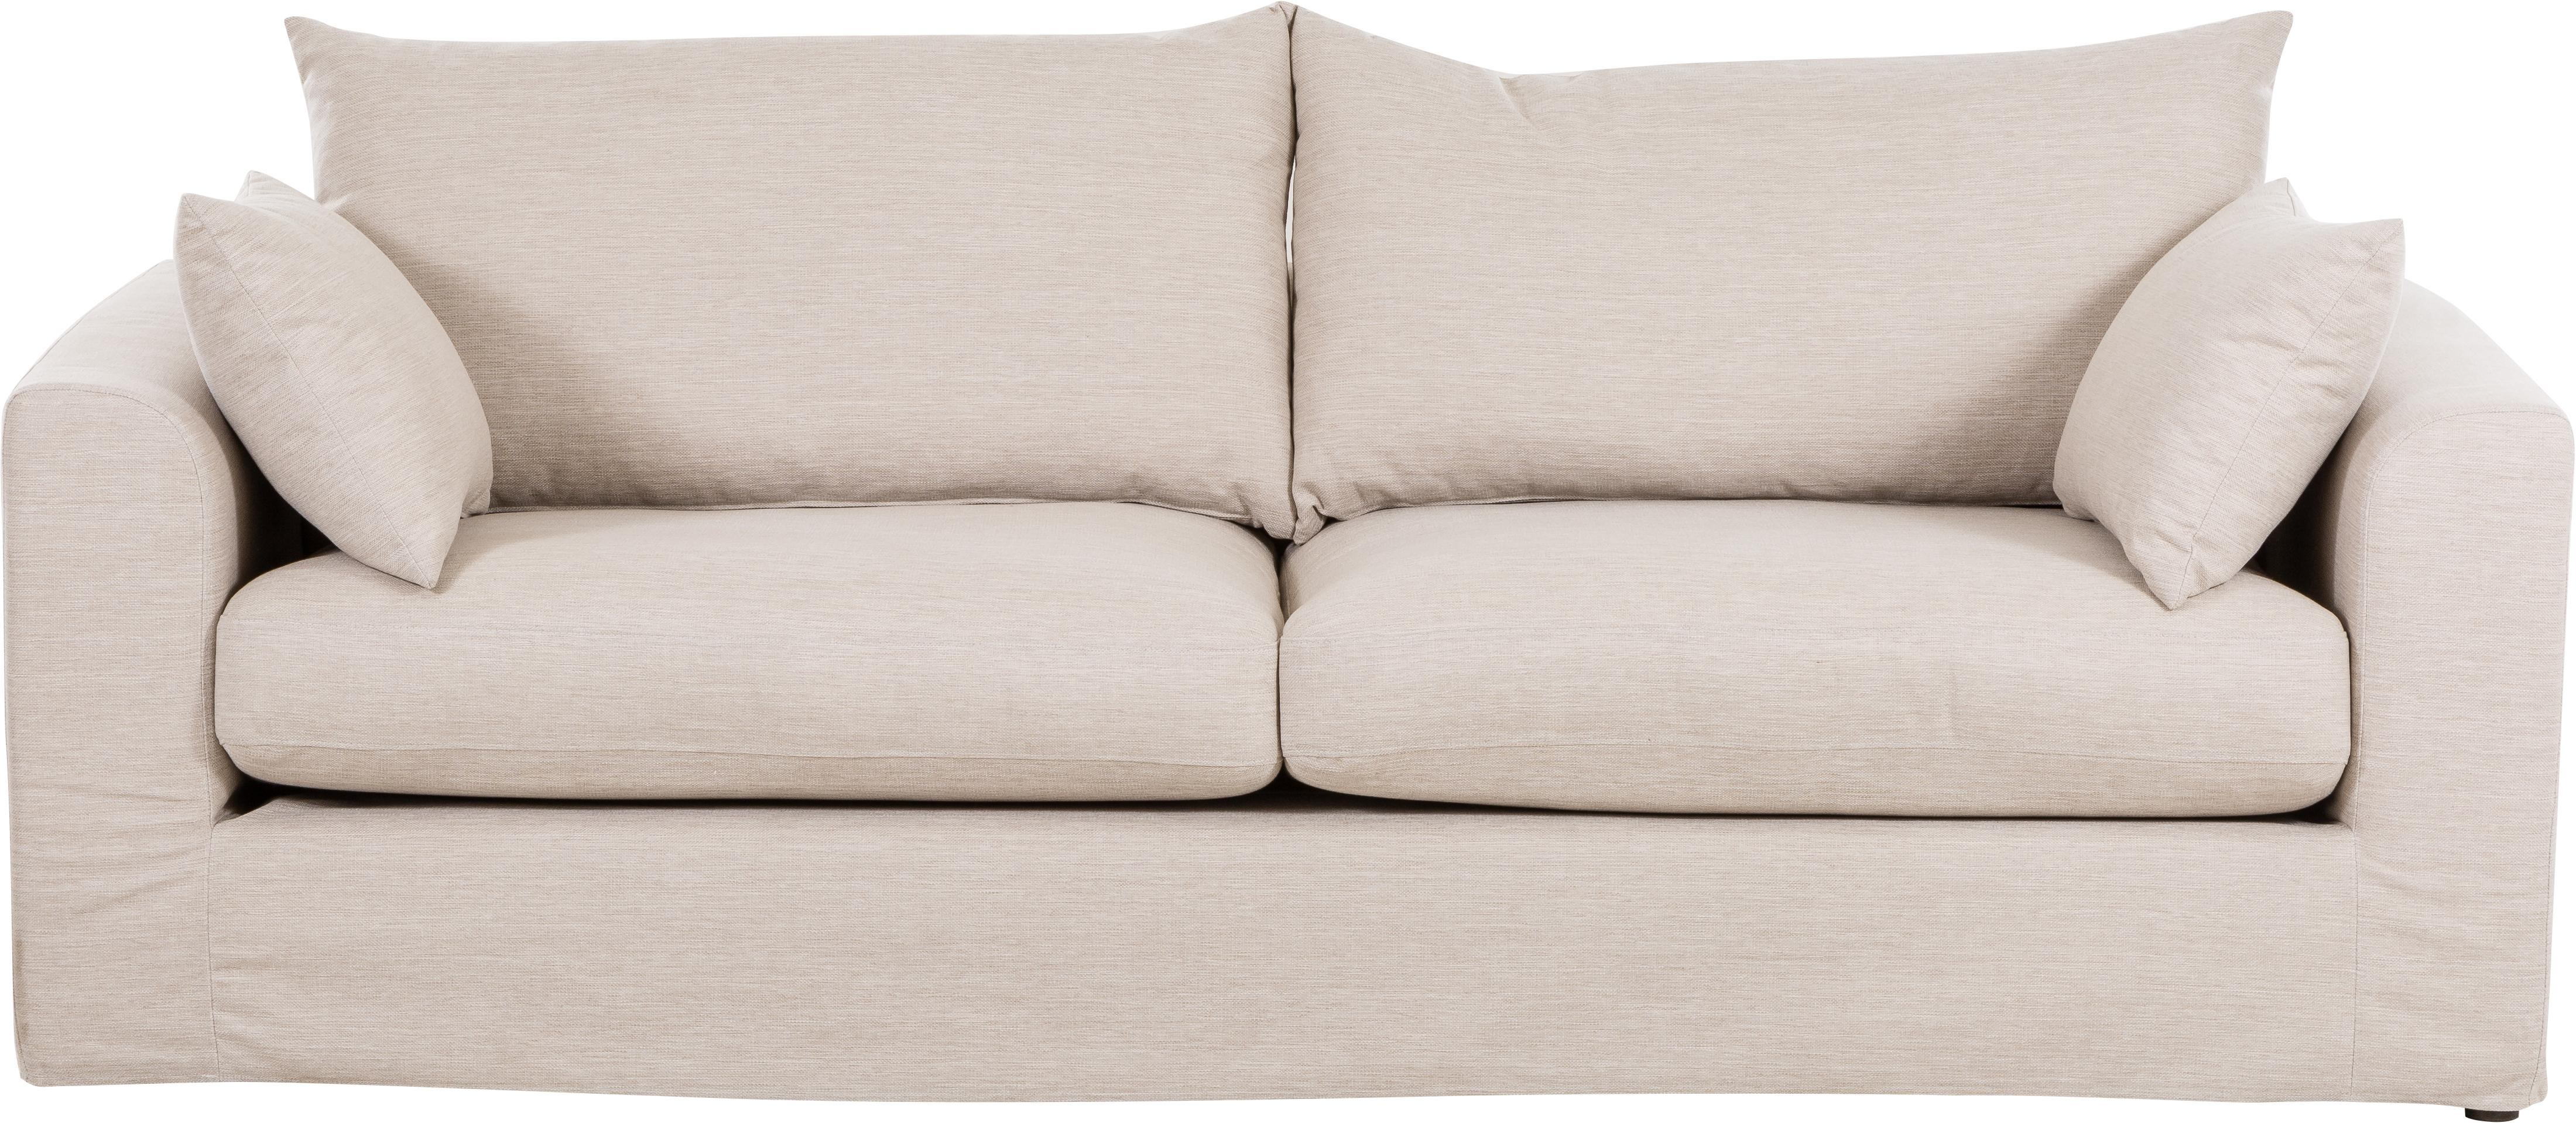 Sofa Zach (3-Sitzer), Bezug: Polypropylen Der hochwert, Webstoff Beige, B 231 x T 90 cm